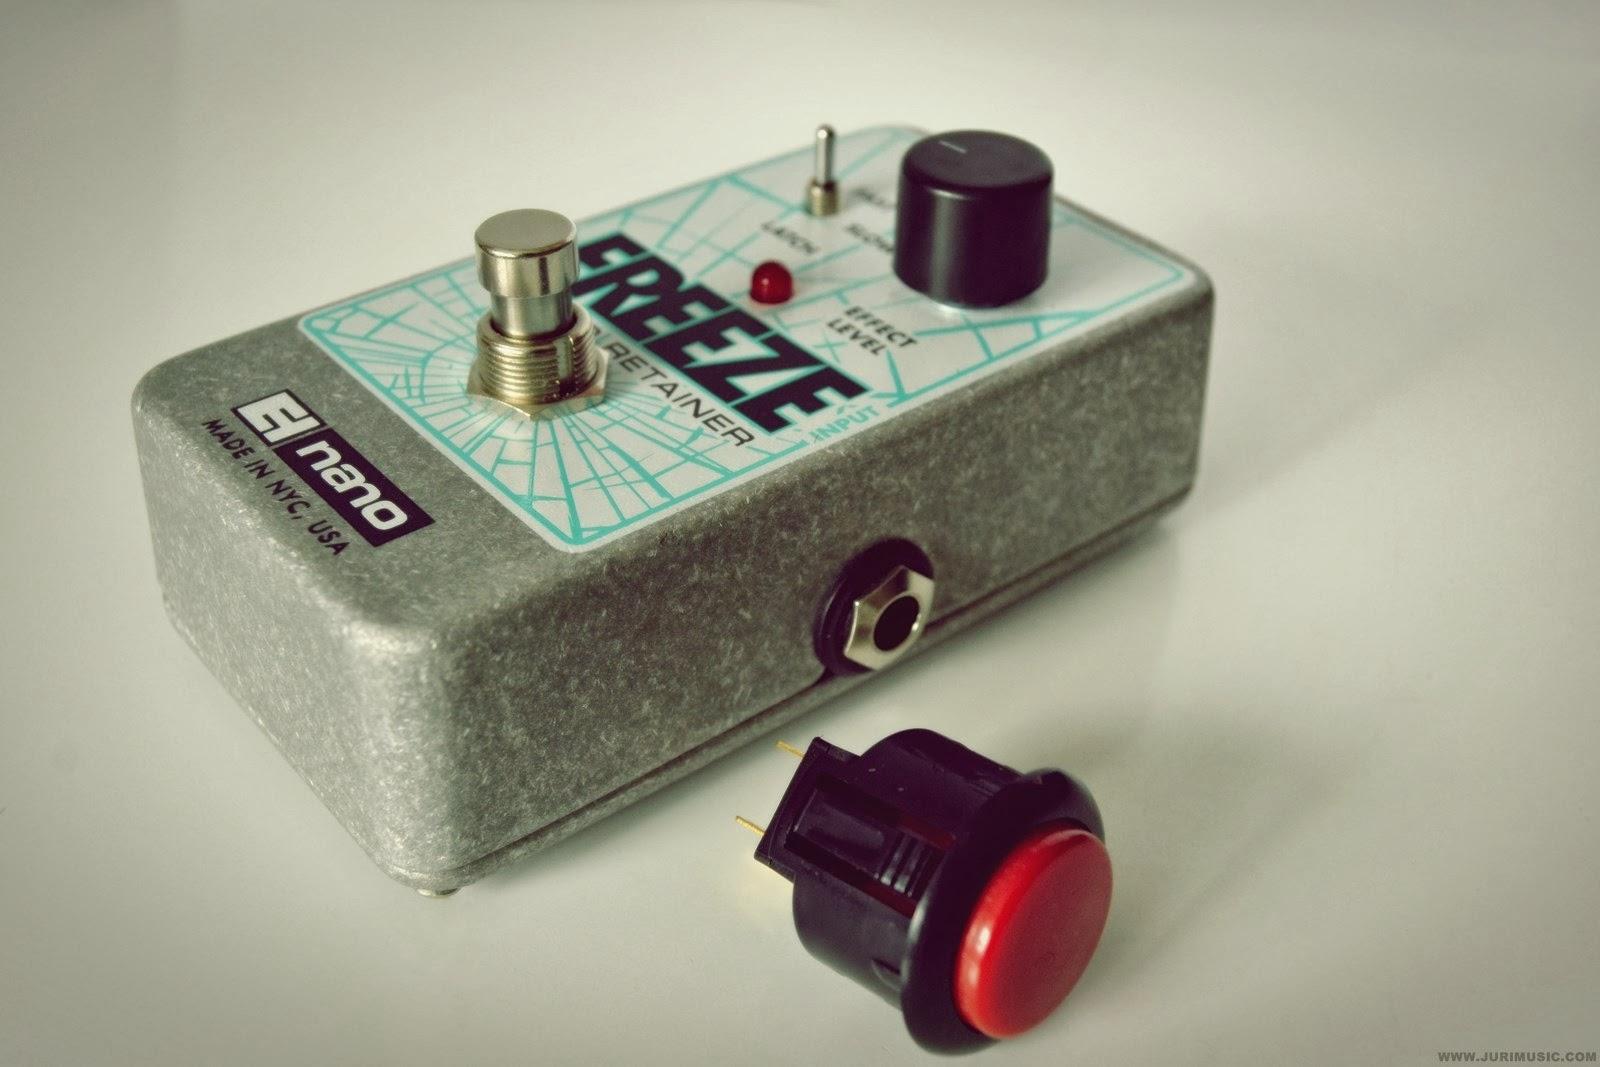 Electro-Harmonix Freeze Switch Mod | www.jurimusic.com - Live ...